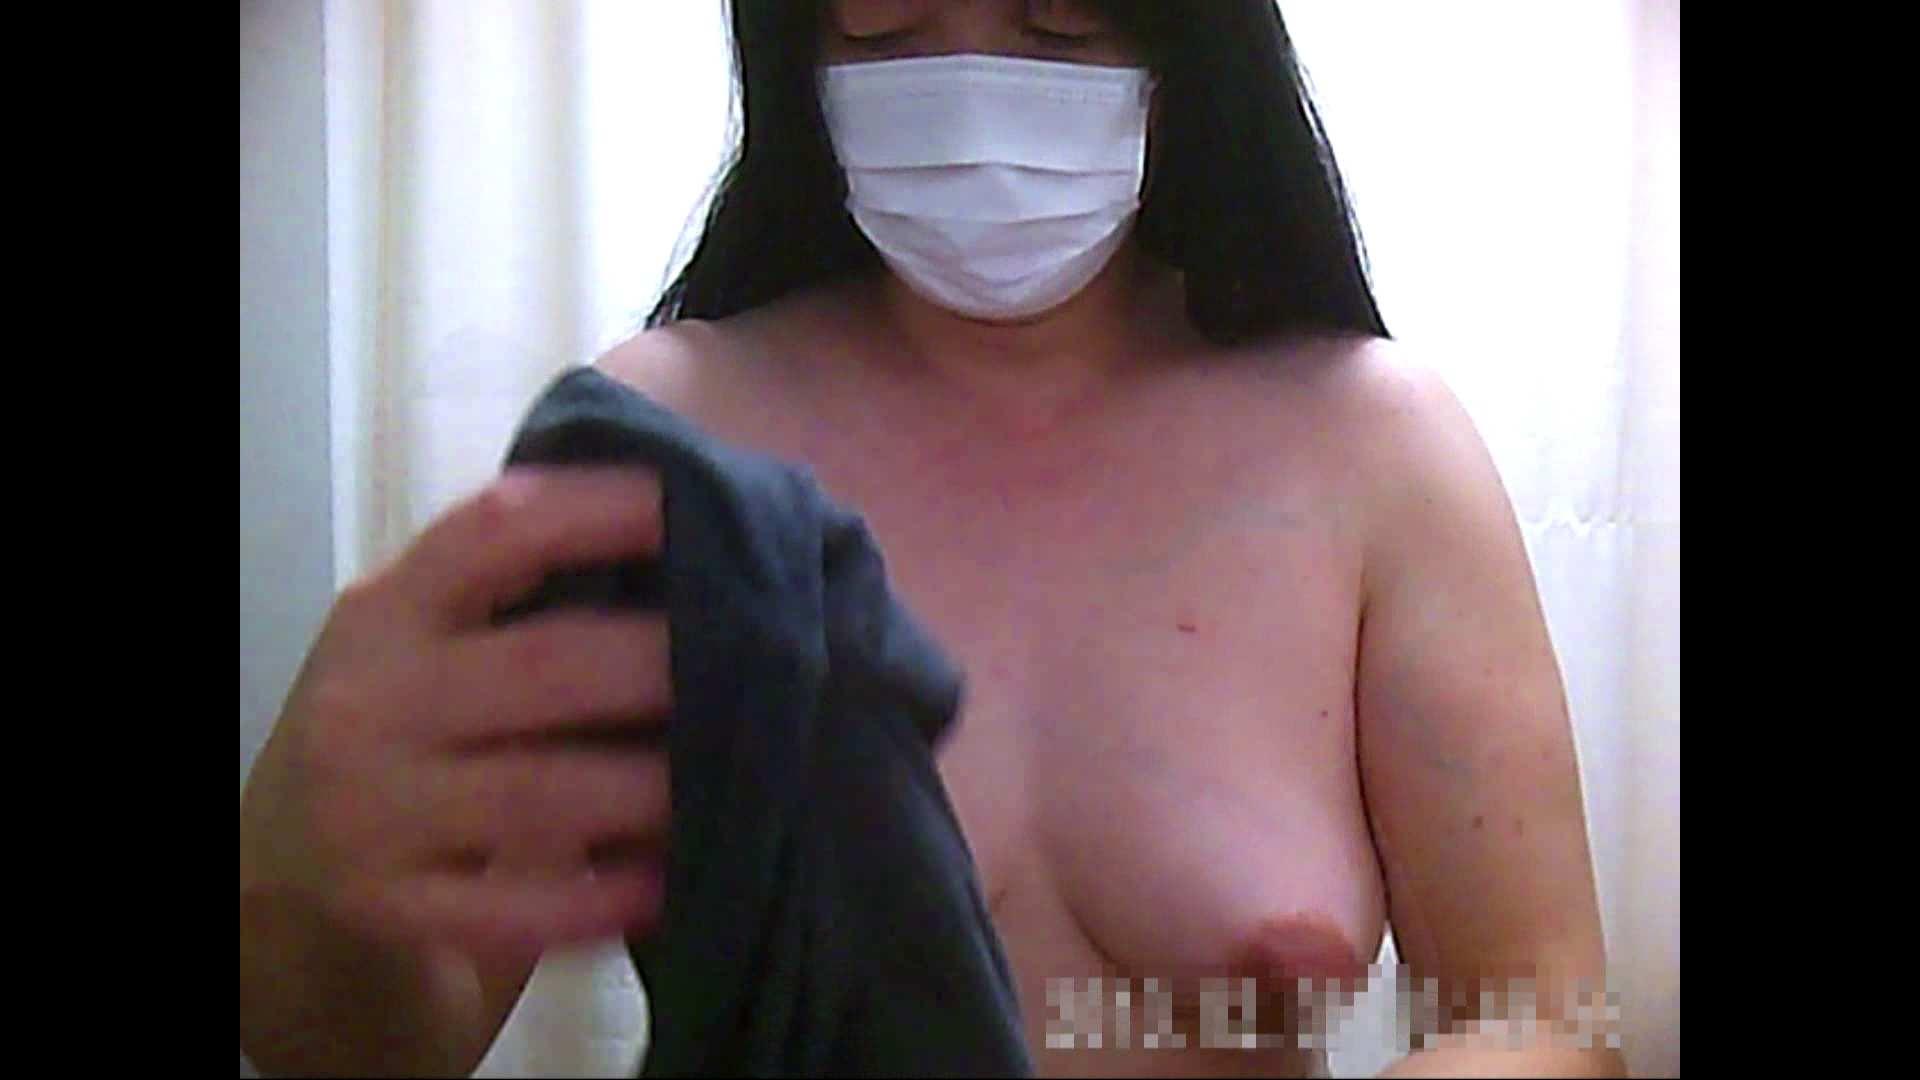 元医者による反抗 更衣室地獄絵巻 vol.148 OLのボディ  62PIX 54